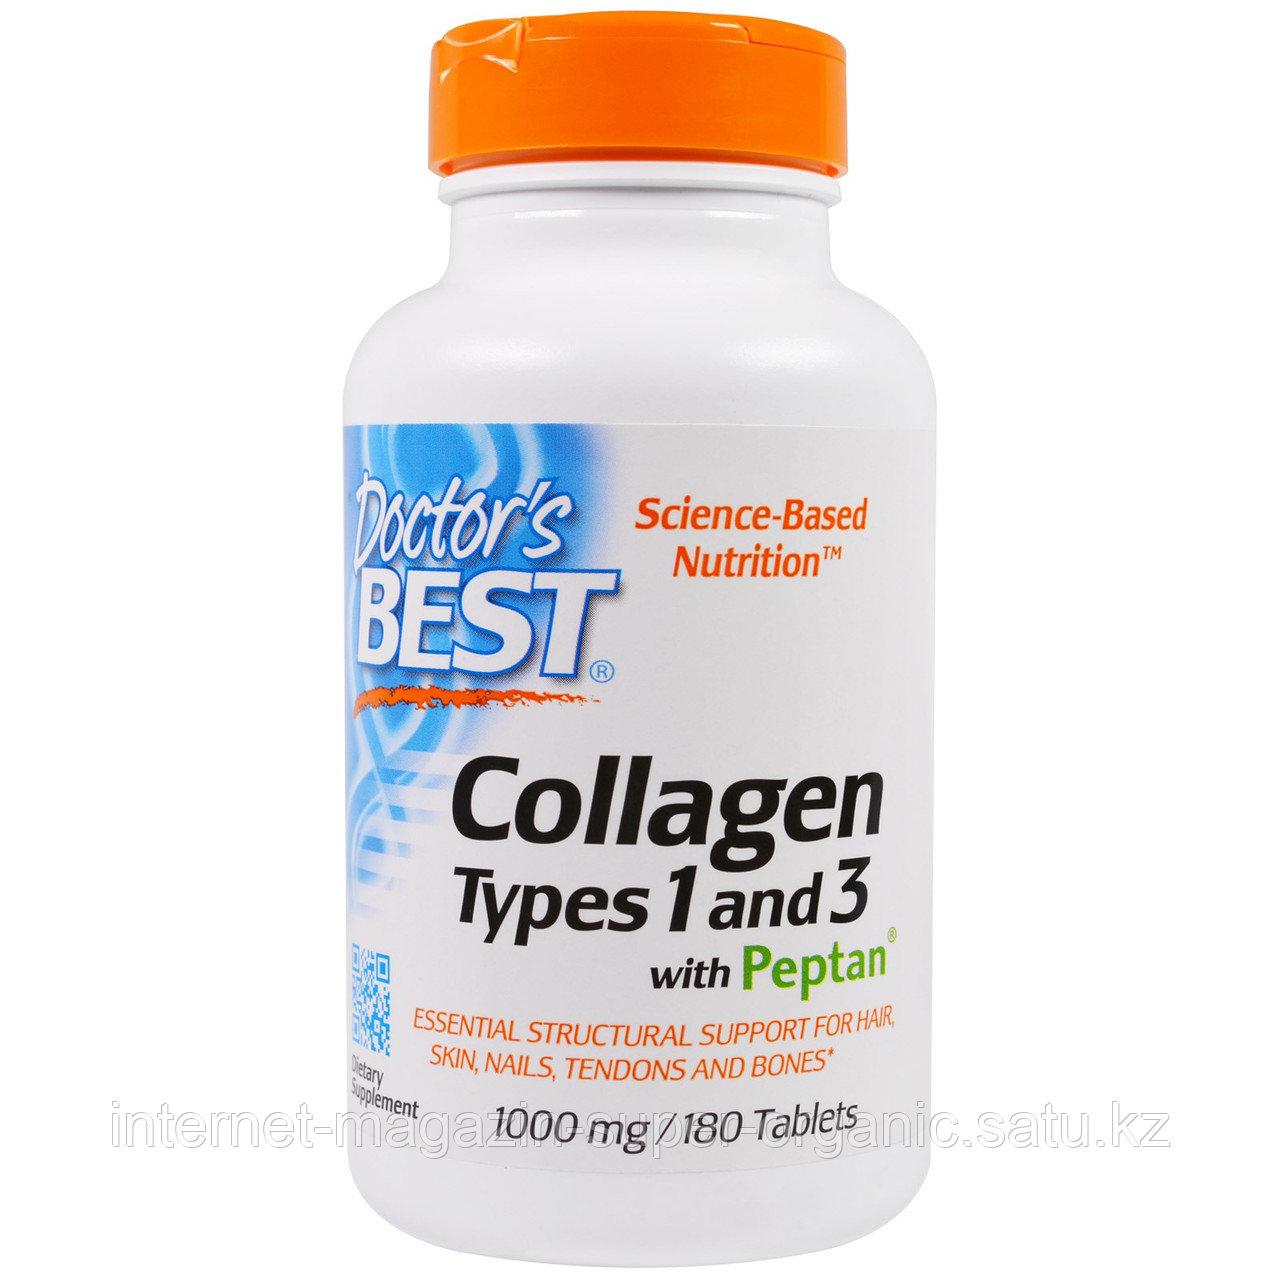 Коллаген 1 и 3 типа, 1000 мг, 180 таблеток, Doctor's Best